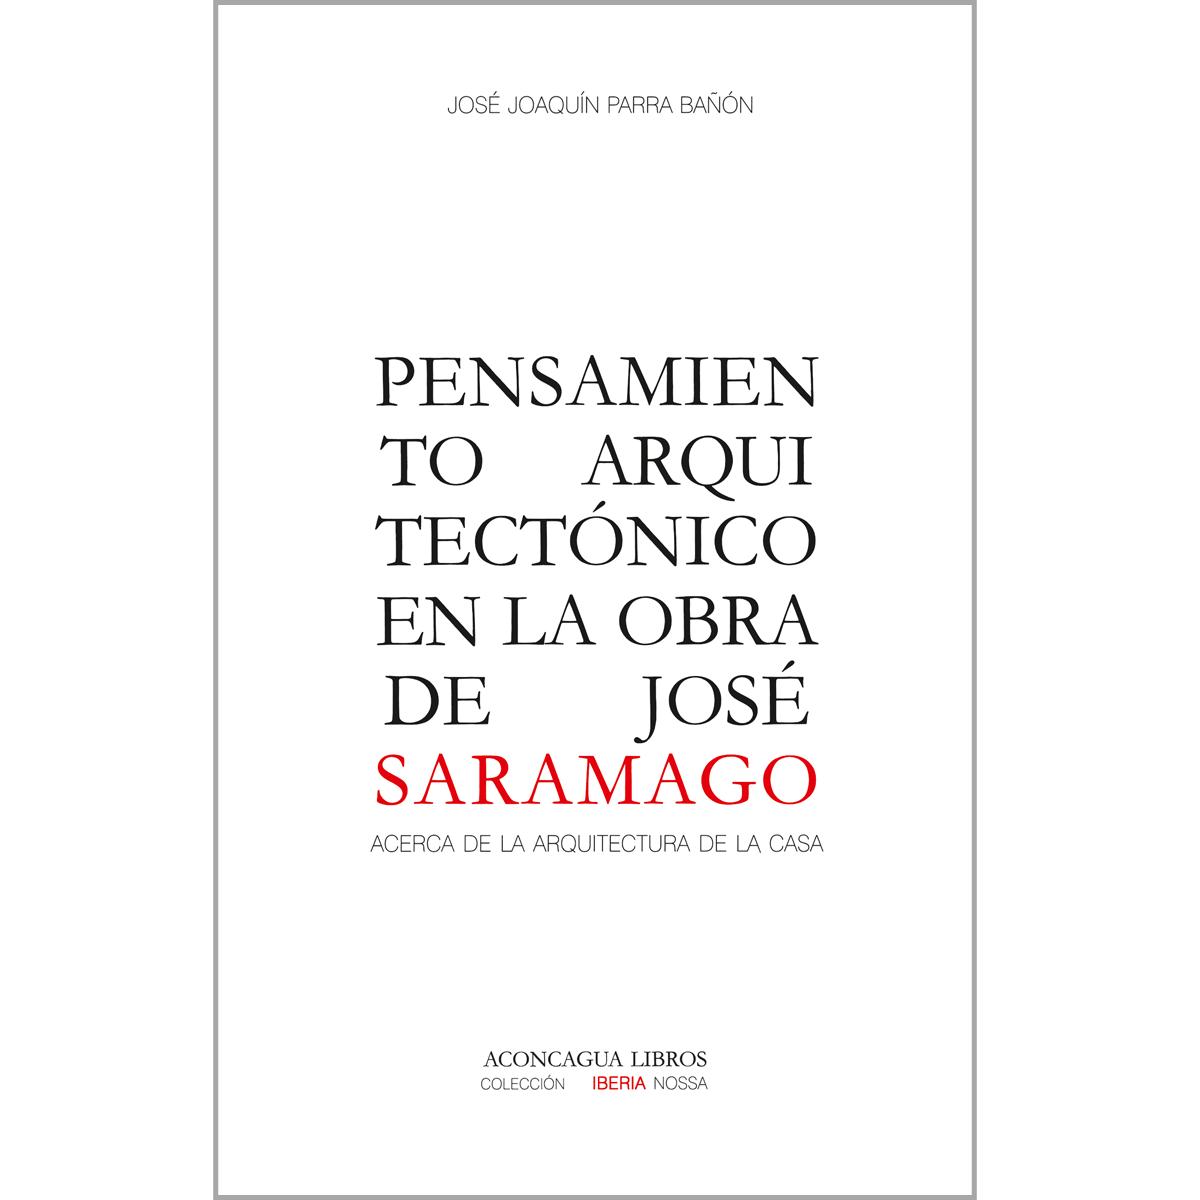 Pensamiento arquitectónico en la obra de José Saramago